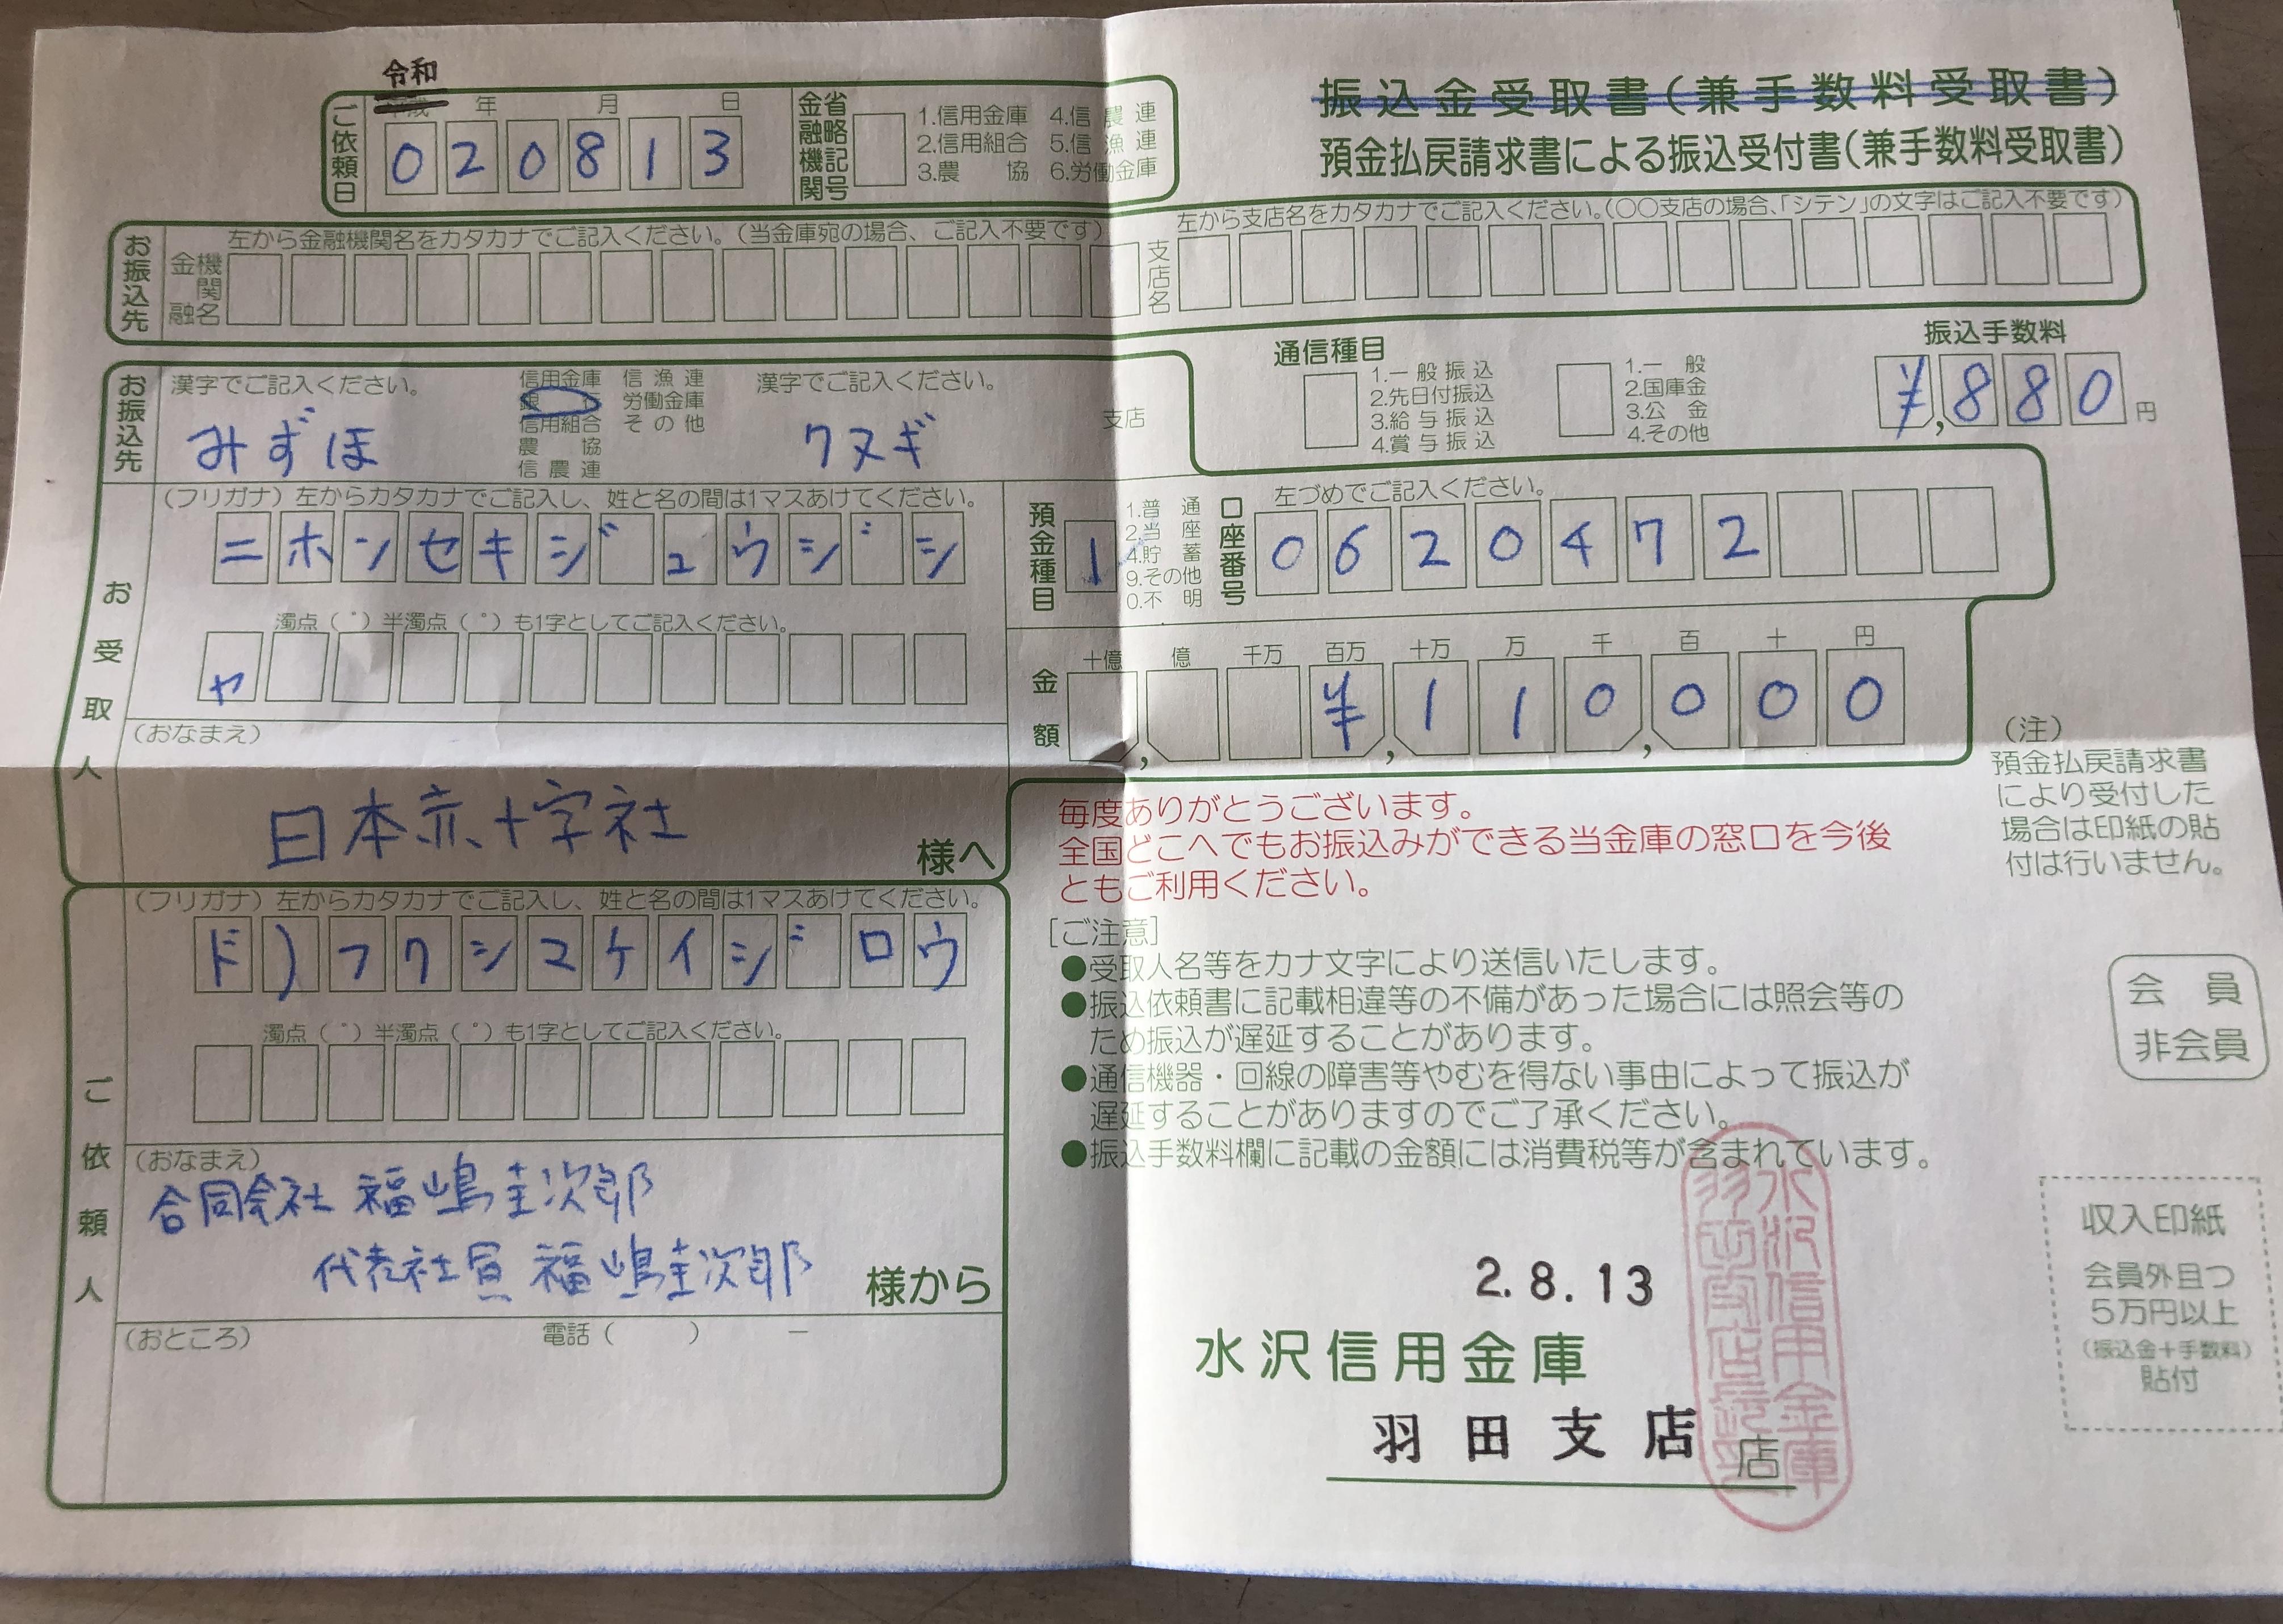 令和2年7月豪雨災害の支援のため、寄付をさせていただきました。